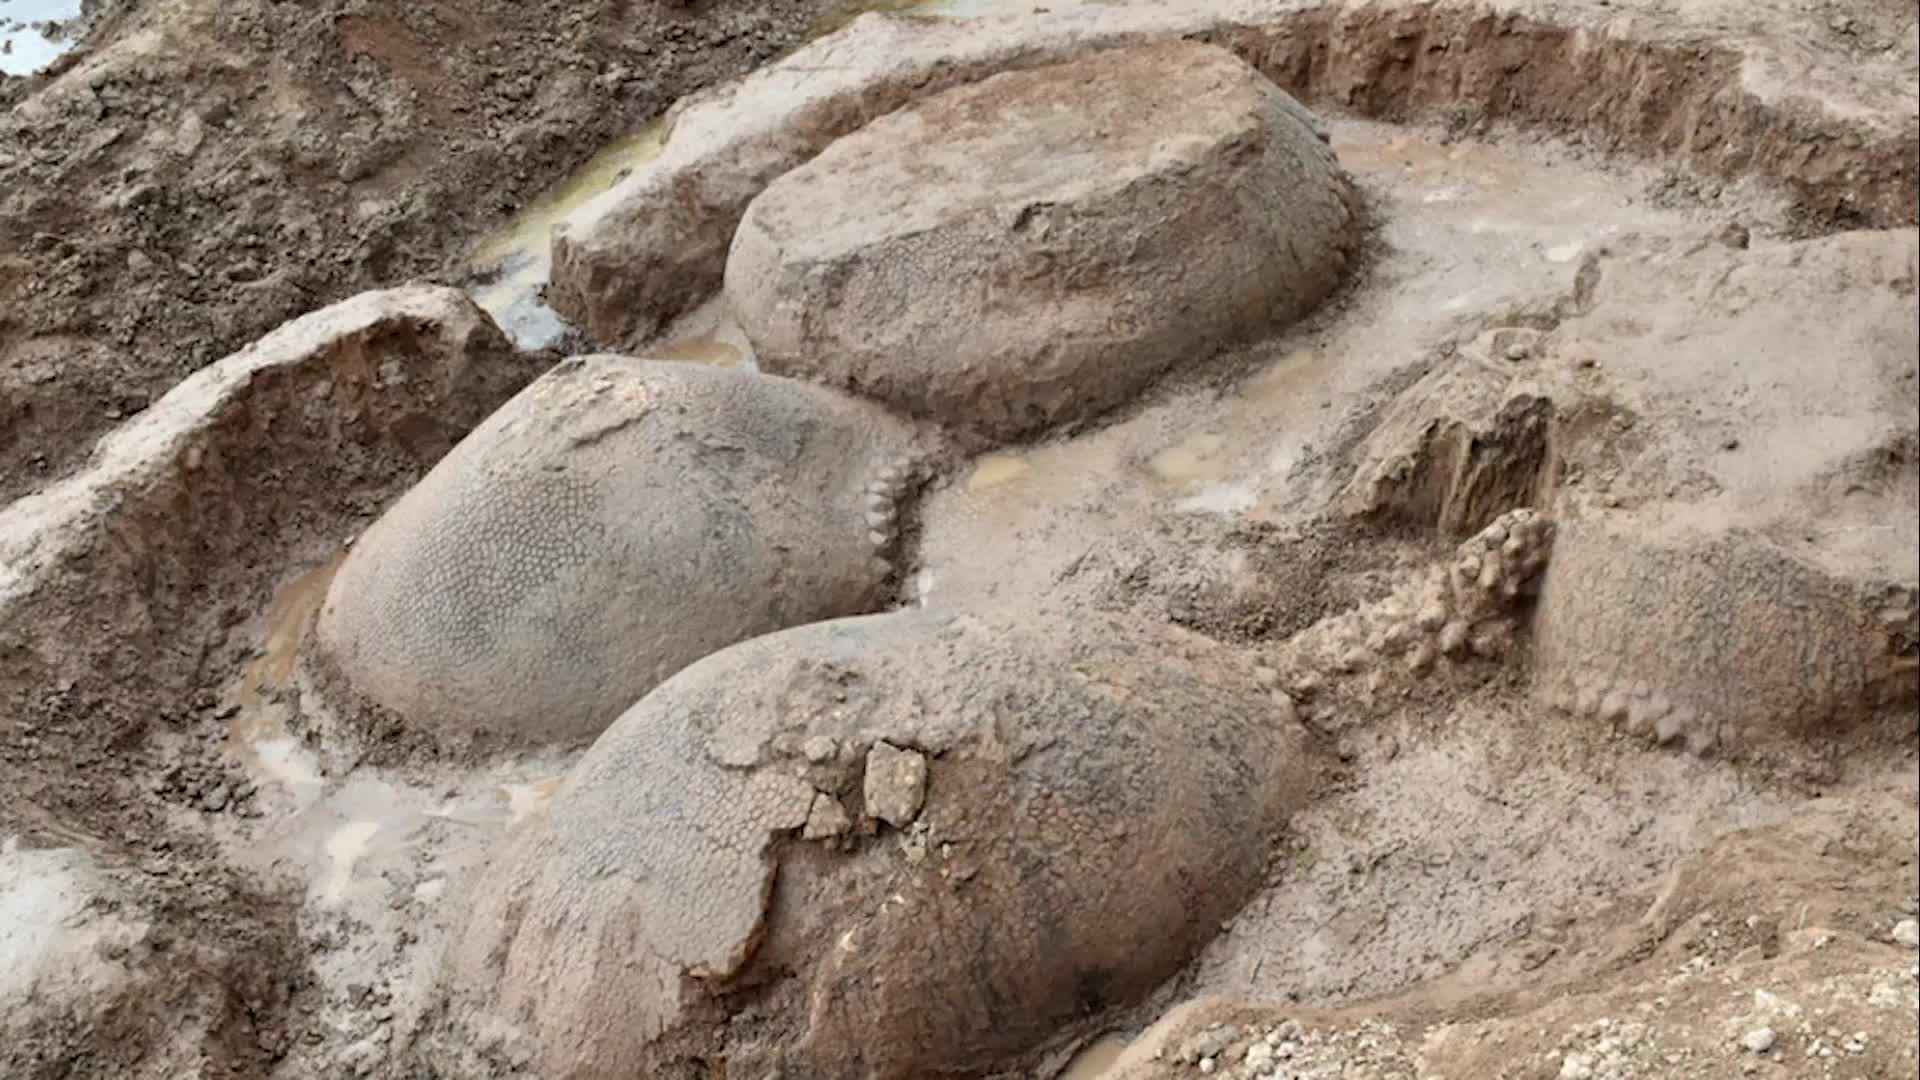 Los fósiles de cuatro enormes criaturas con forma de armadillo se han encontrado en Argentina.